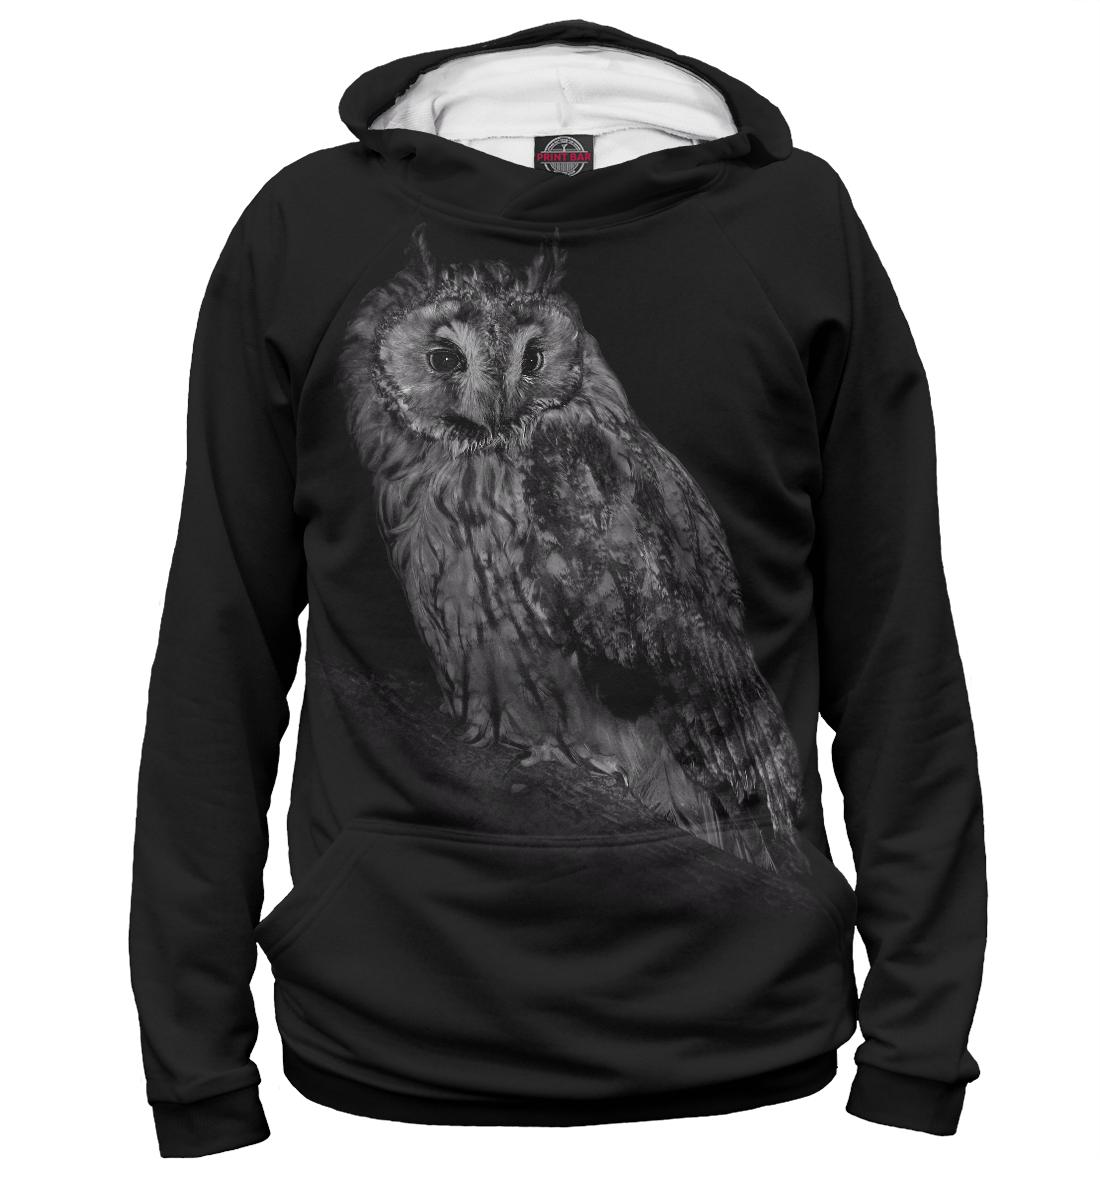 Купить Сова, Printbar, Худи, OWL-854428-hud-2